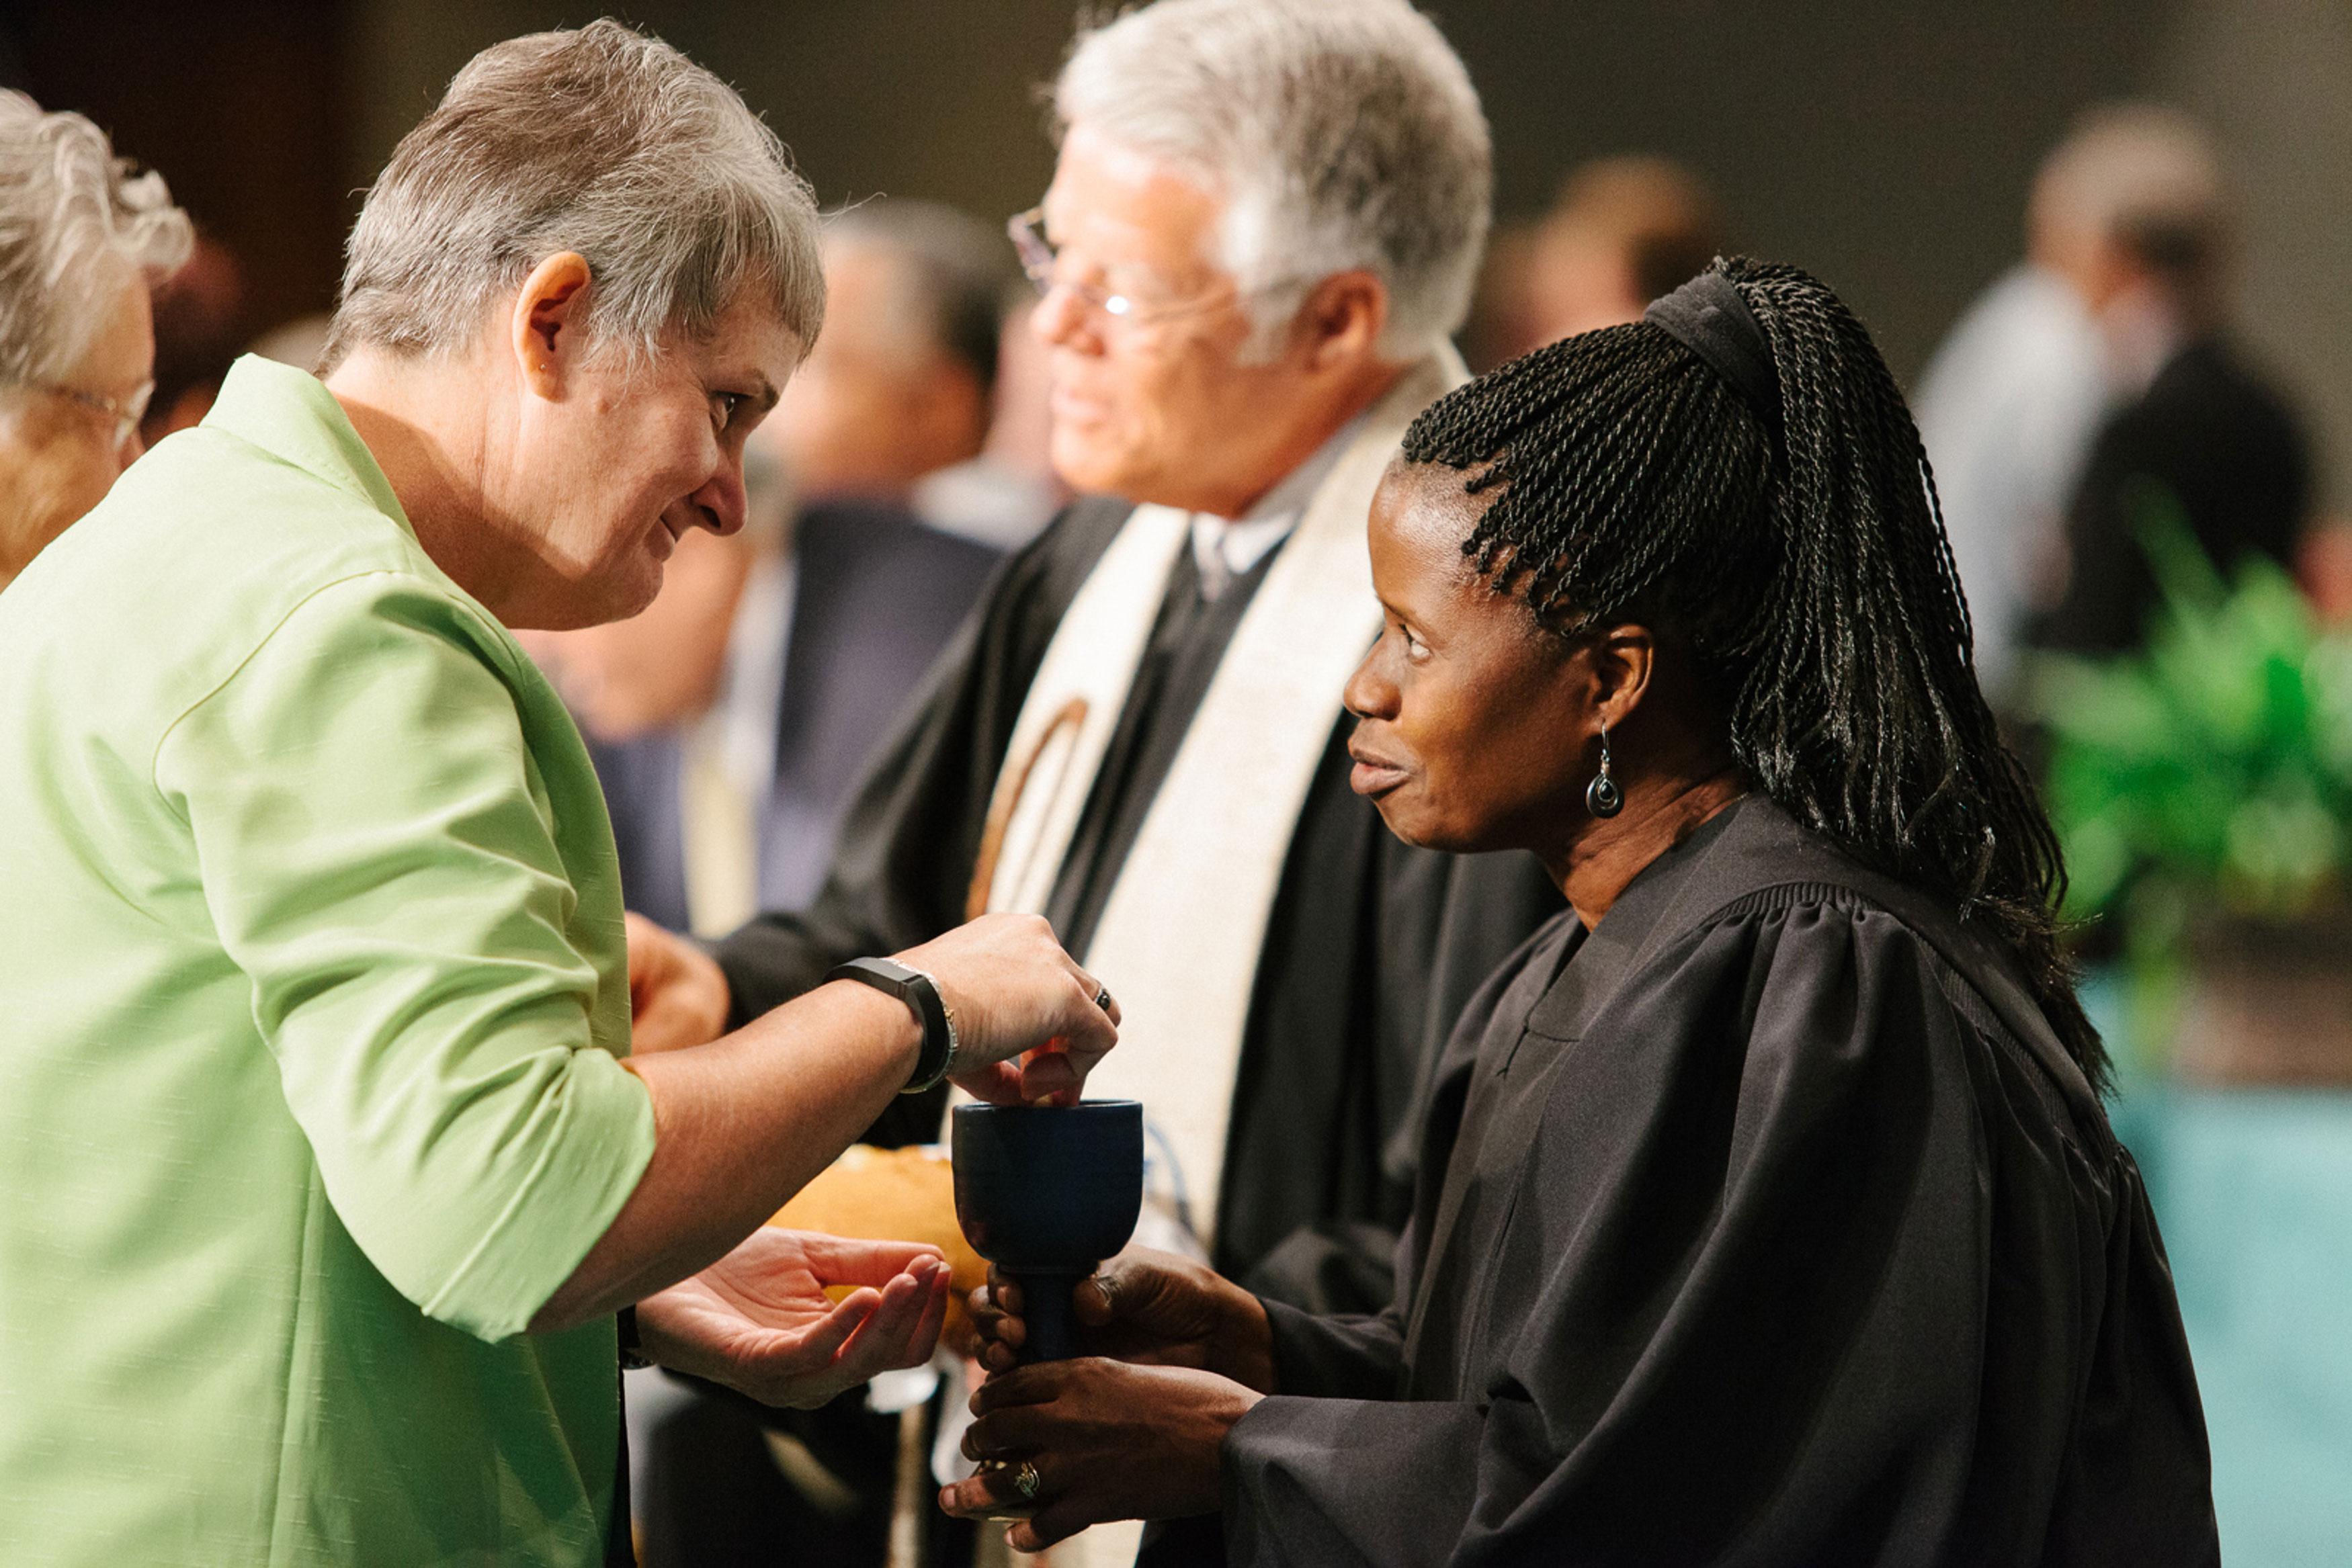 Le révérend Tonya Elmore, pasteur à Enterprise First United Methodist Church, prend la communion avec le révérend Virginia Kagoro, pasteur à Locust Bluff United Methodist Church, à la conférence annuelle de 2015 en Alabama-West Florida. Photo de Luke Lucas, Alabama-West Florida.